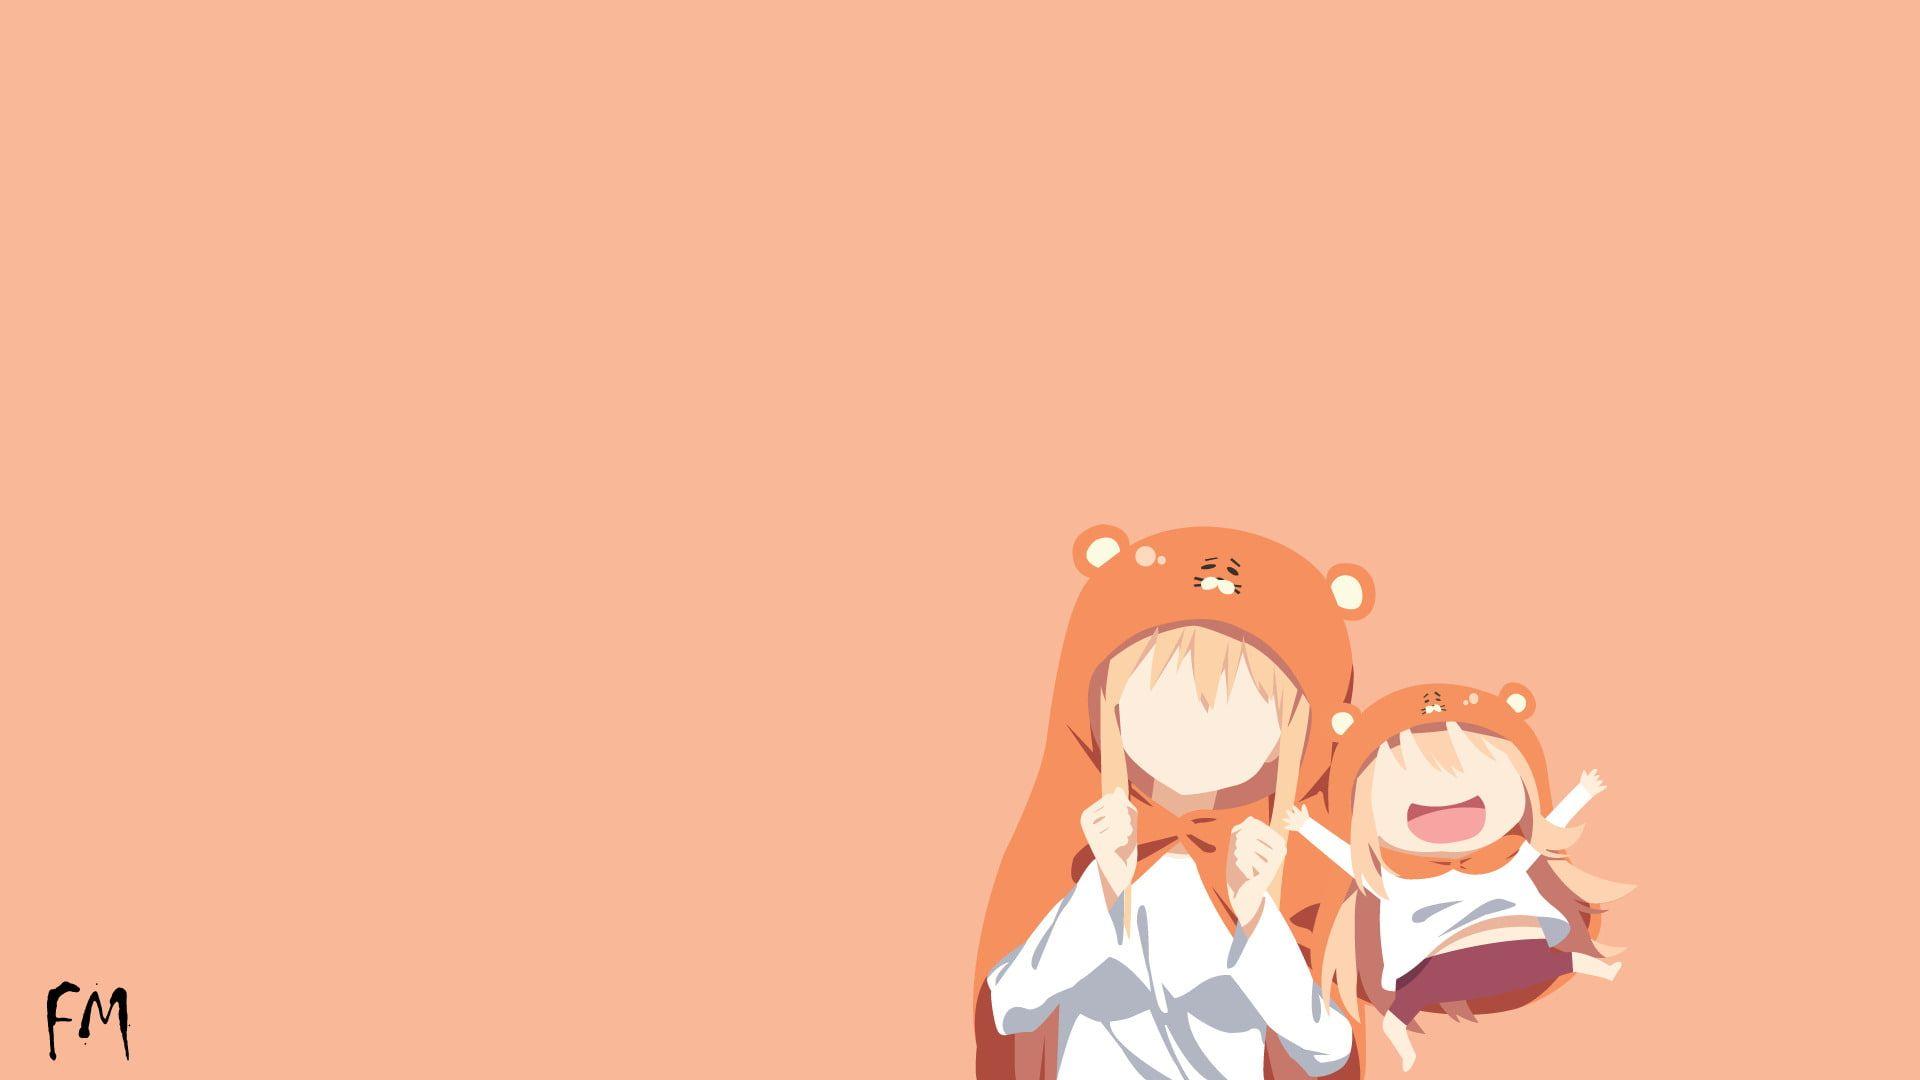 Anime Himouto Umaru Chan Umaru Doma 1080p Wallpaper Hdwallpaper Desktop Himouto Umaru Chan Anime Wallpaper Anime Wallpaper Iphone